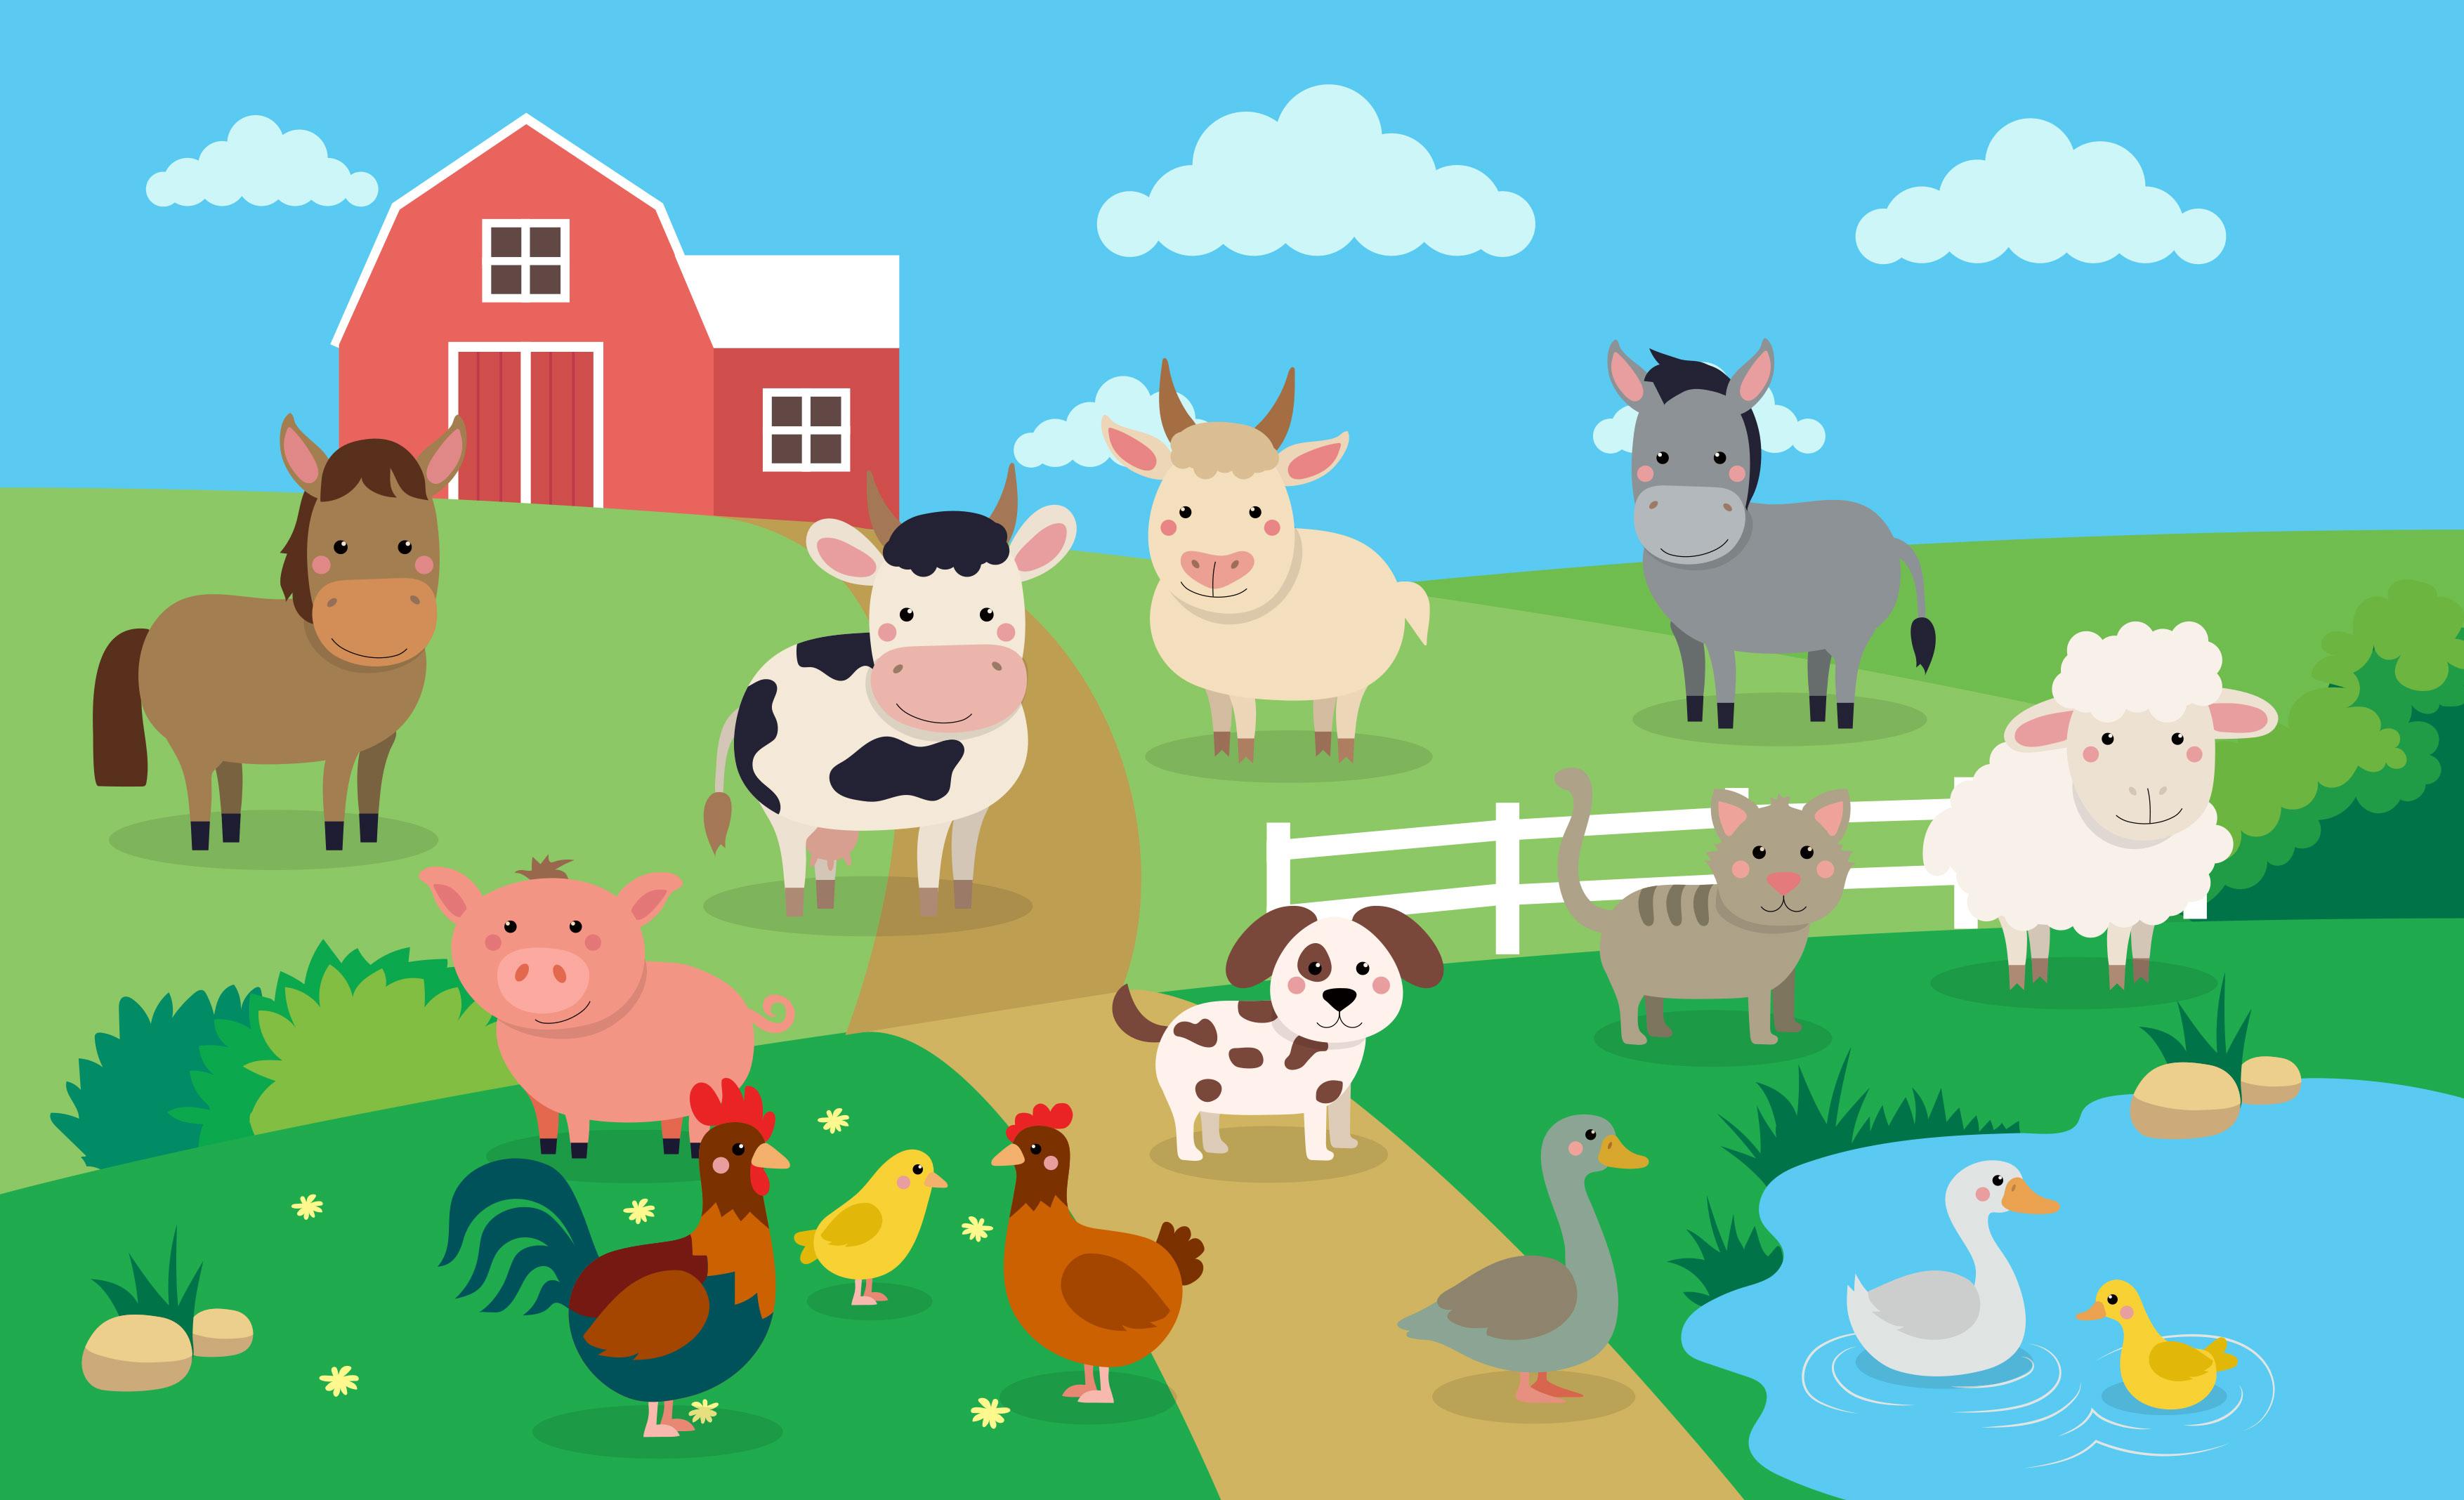 Song: Old MacDonald had a Farm.